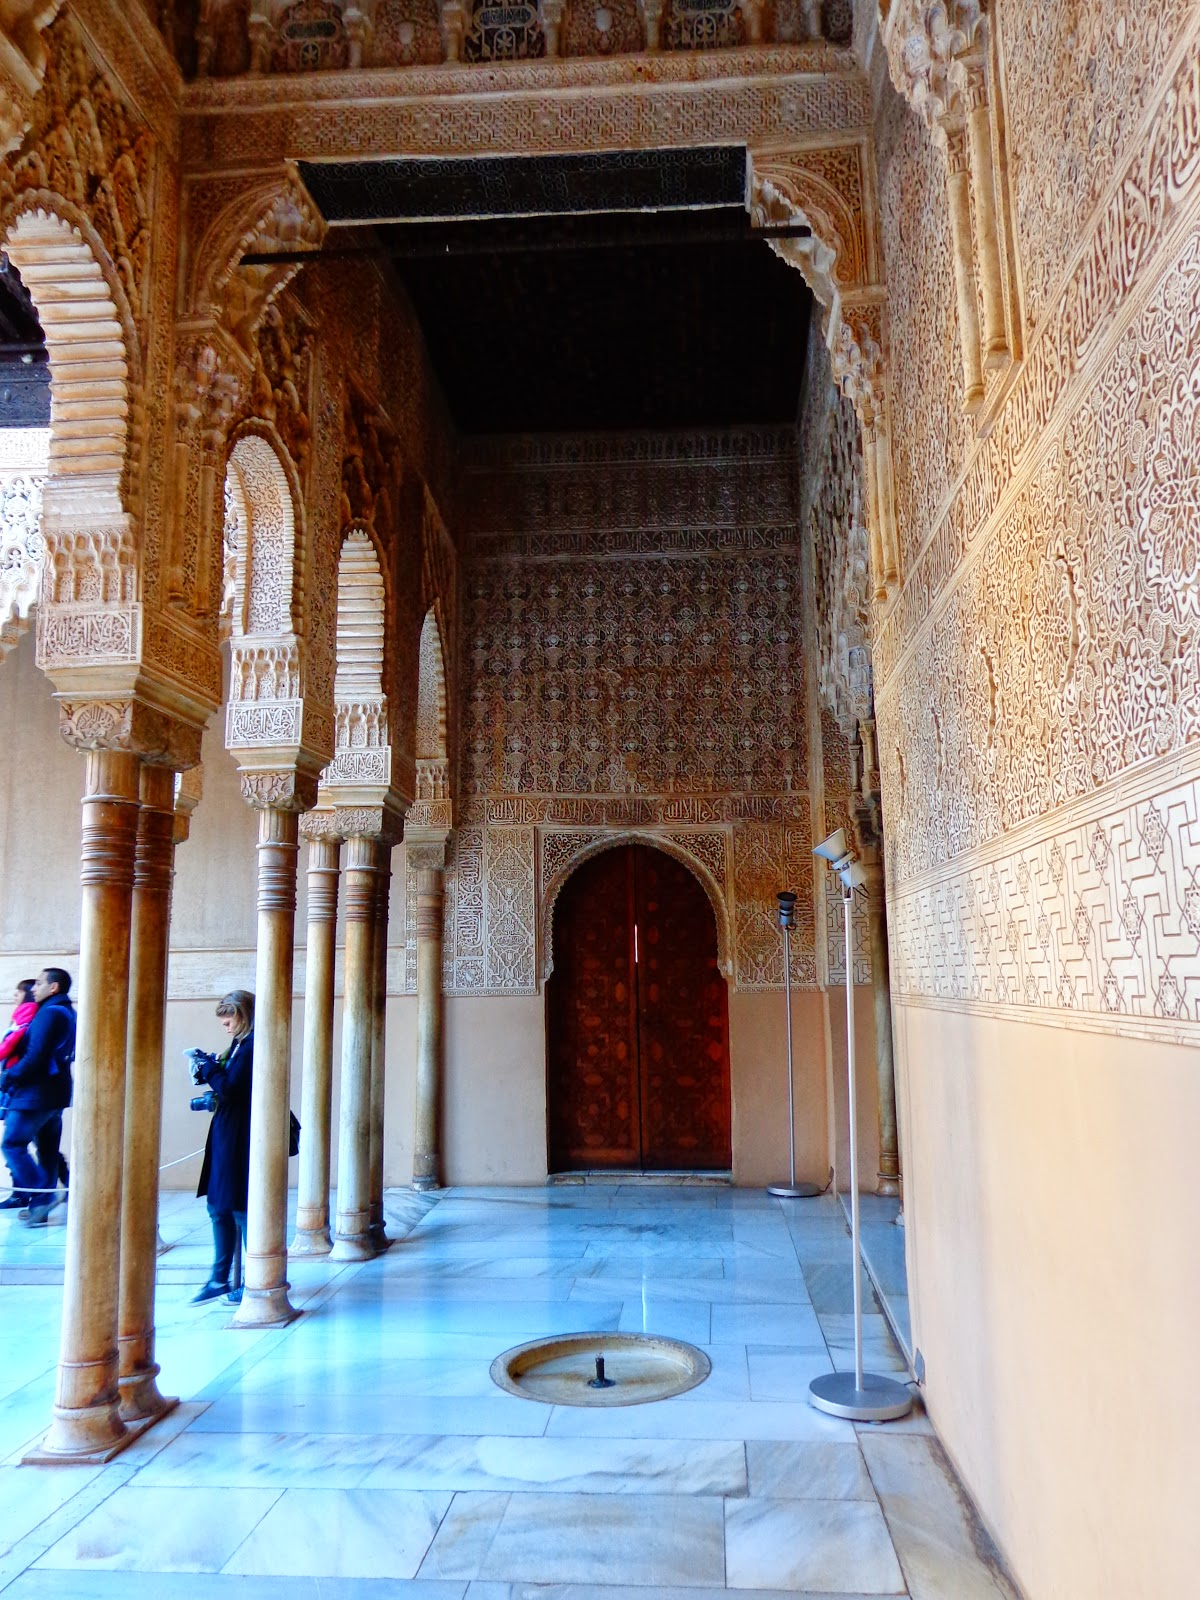 Araceli rego de lo humano a lo divino patio de los leones - Fuentes decoracion interior ...